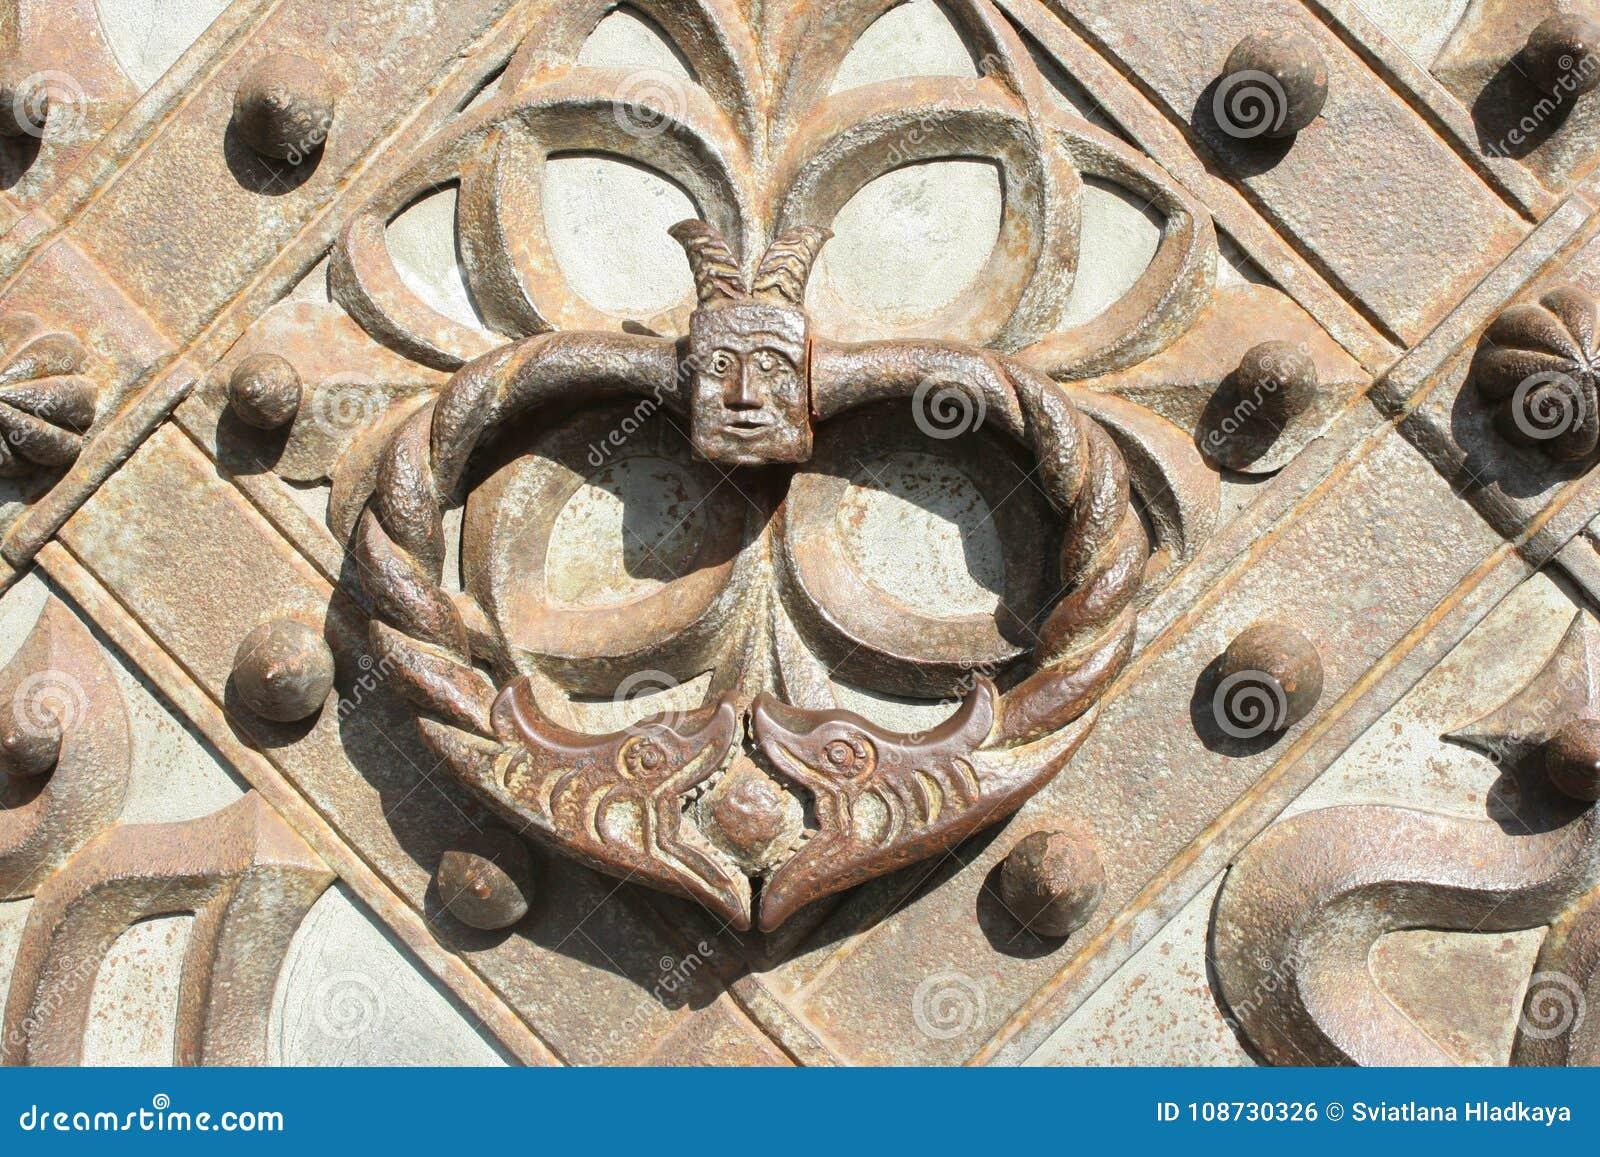 Antique forged door handle